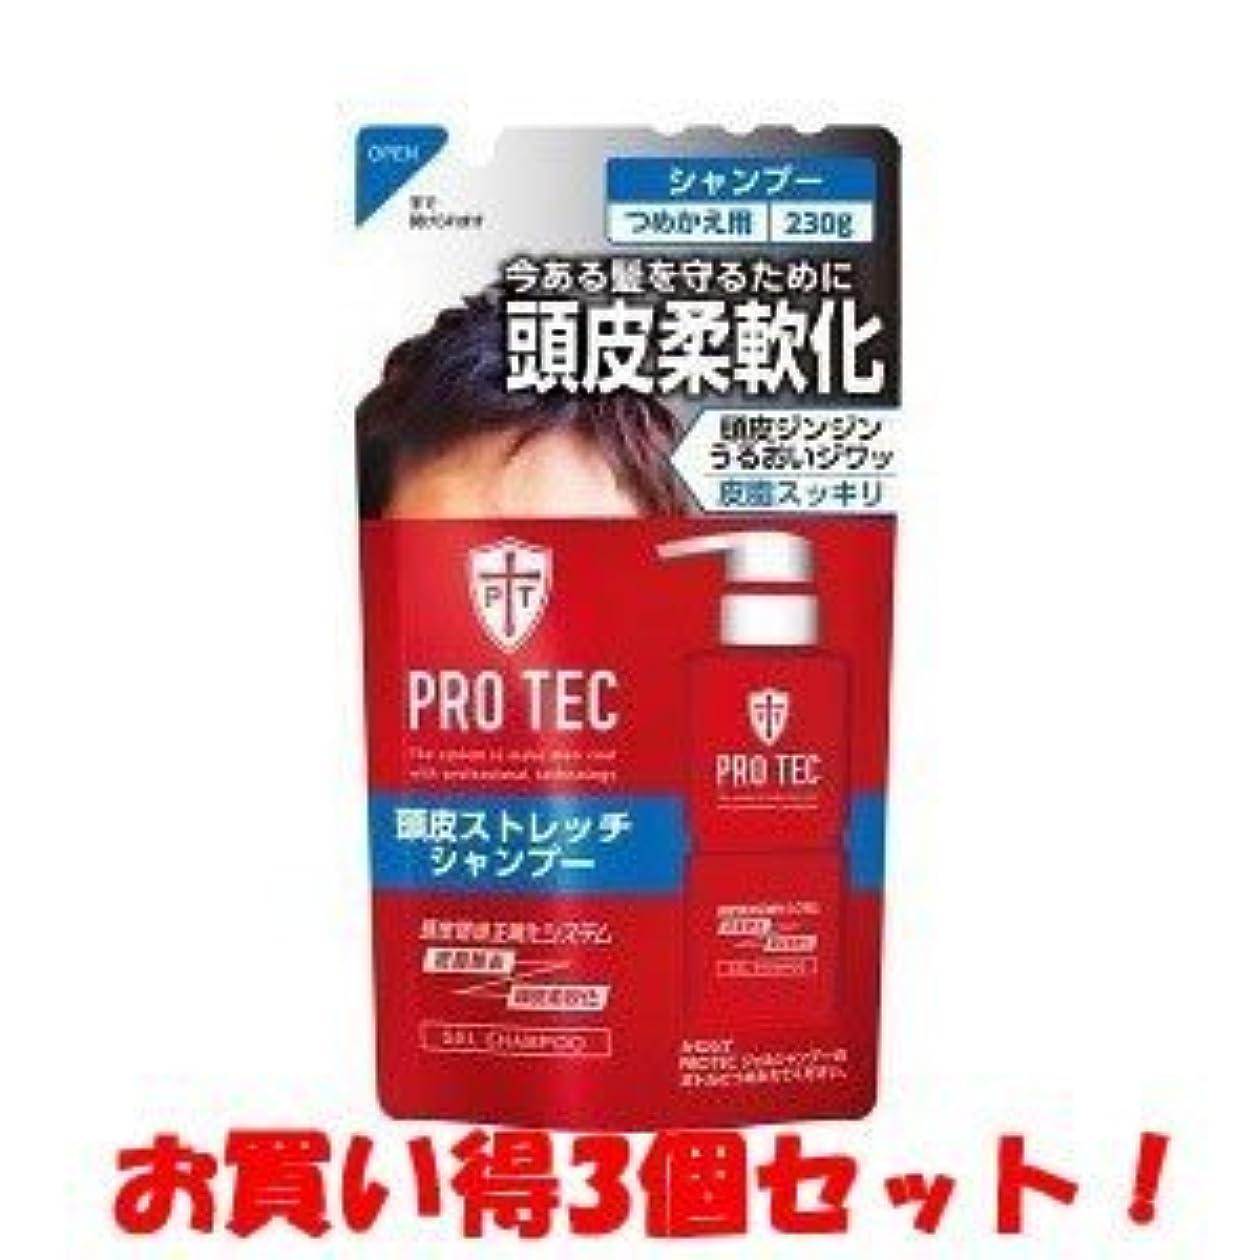 影響する宝冷笑する(ライオン)PRO TEC(プロテク) 頭皮ストレッチ シャンプー つめかえ用 230g(医薬部外品)(お買い得3個セット)